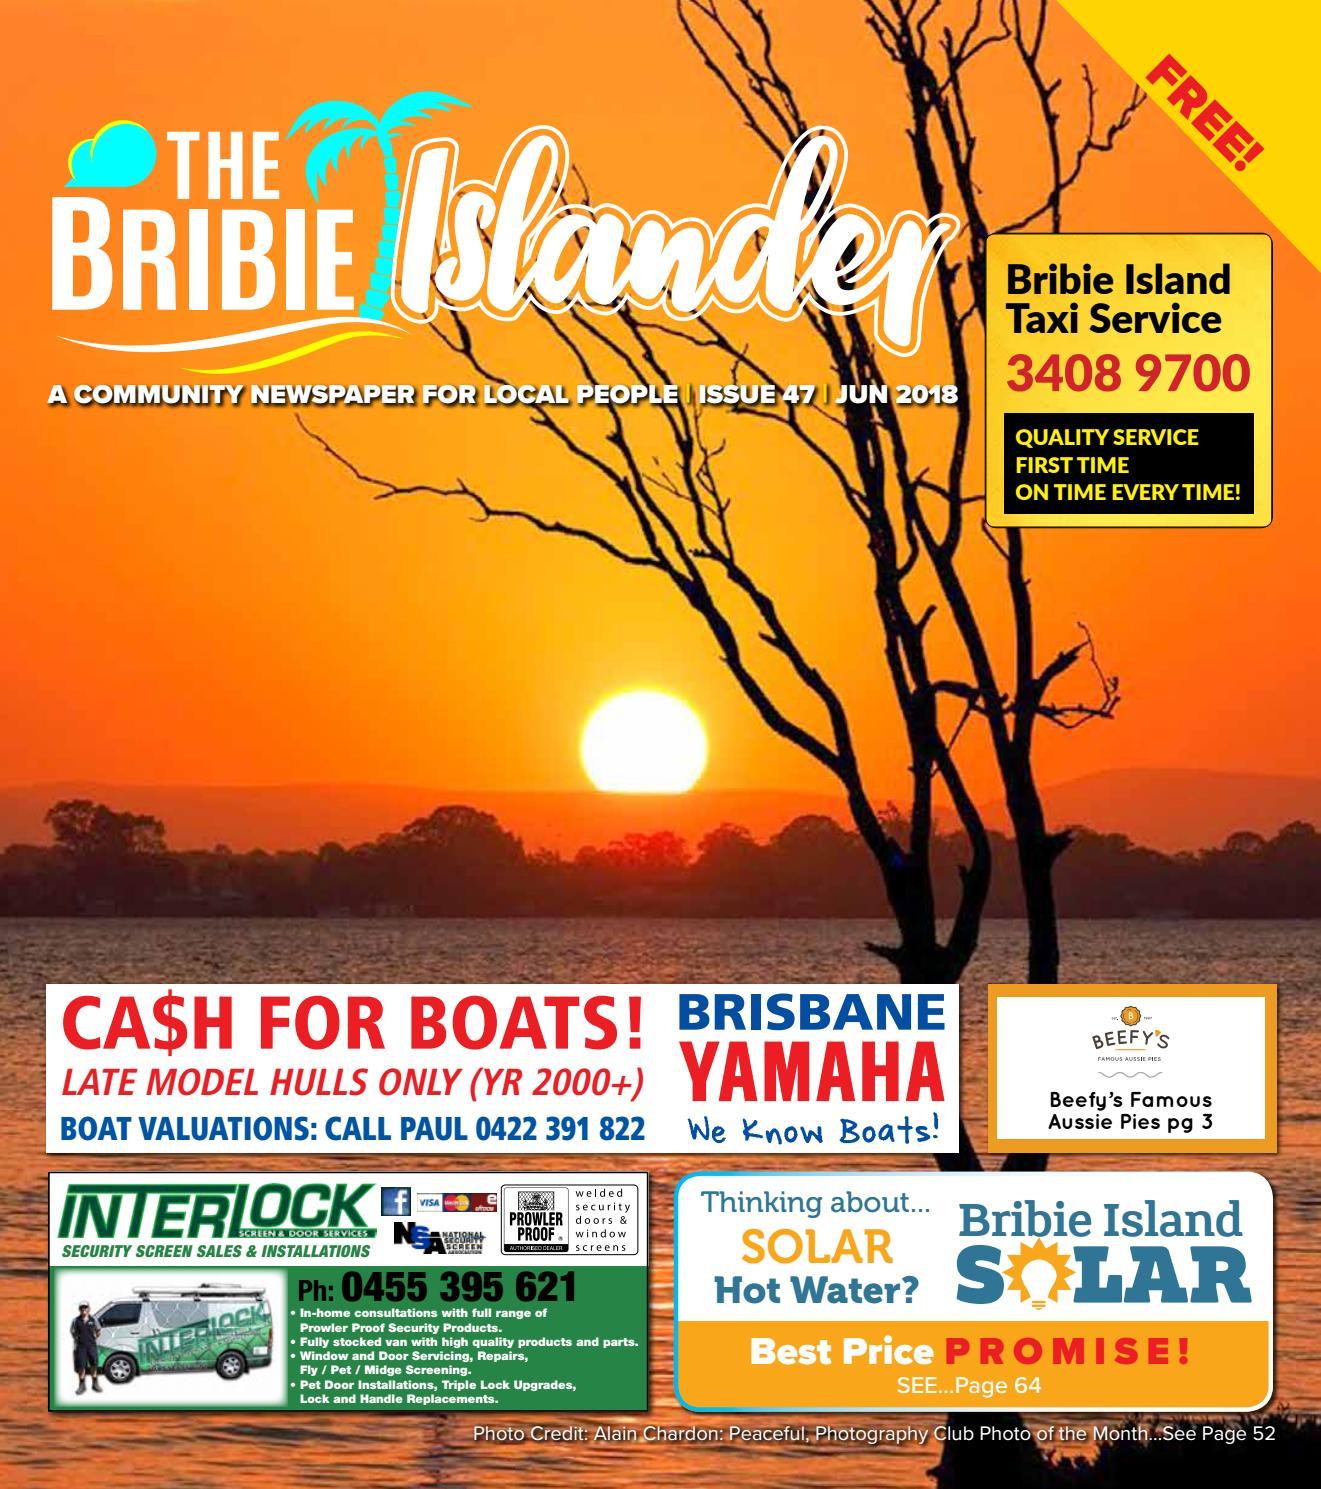 The Bribie Islander June 2018 Issue 47 by The Bribie Islander - issuu